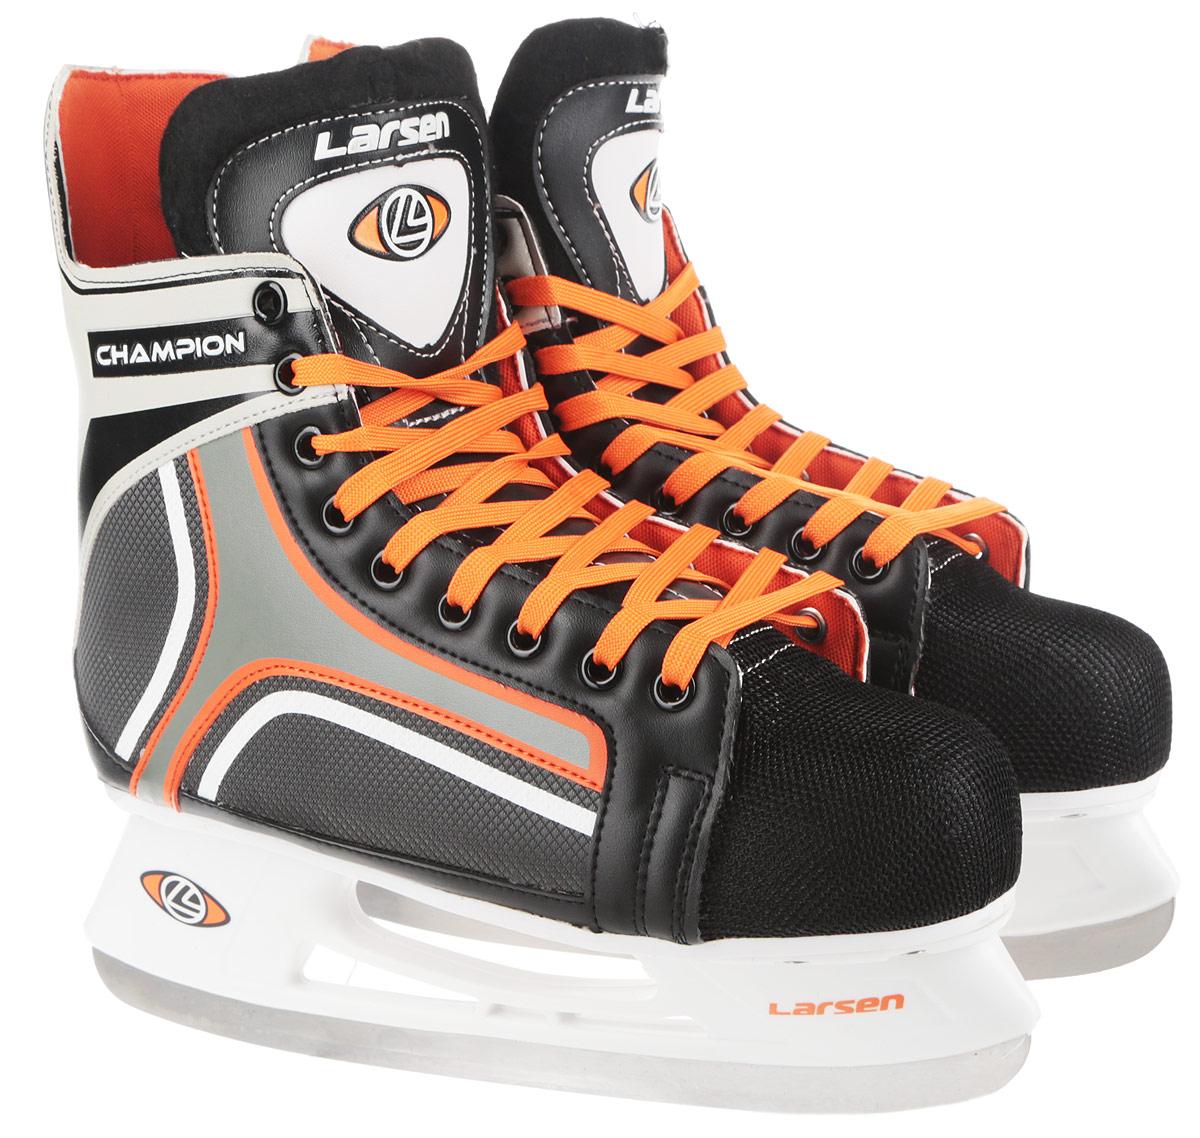 Коньки хоккейные мужские Larsen Champion, цвет: черный, белый, оранжевый. Размер 38